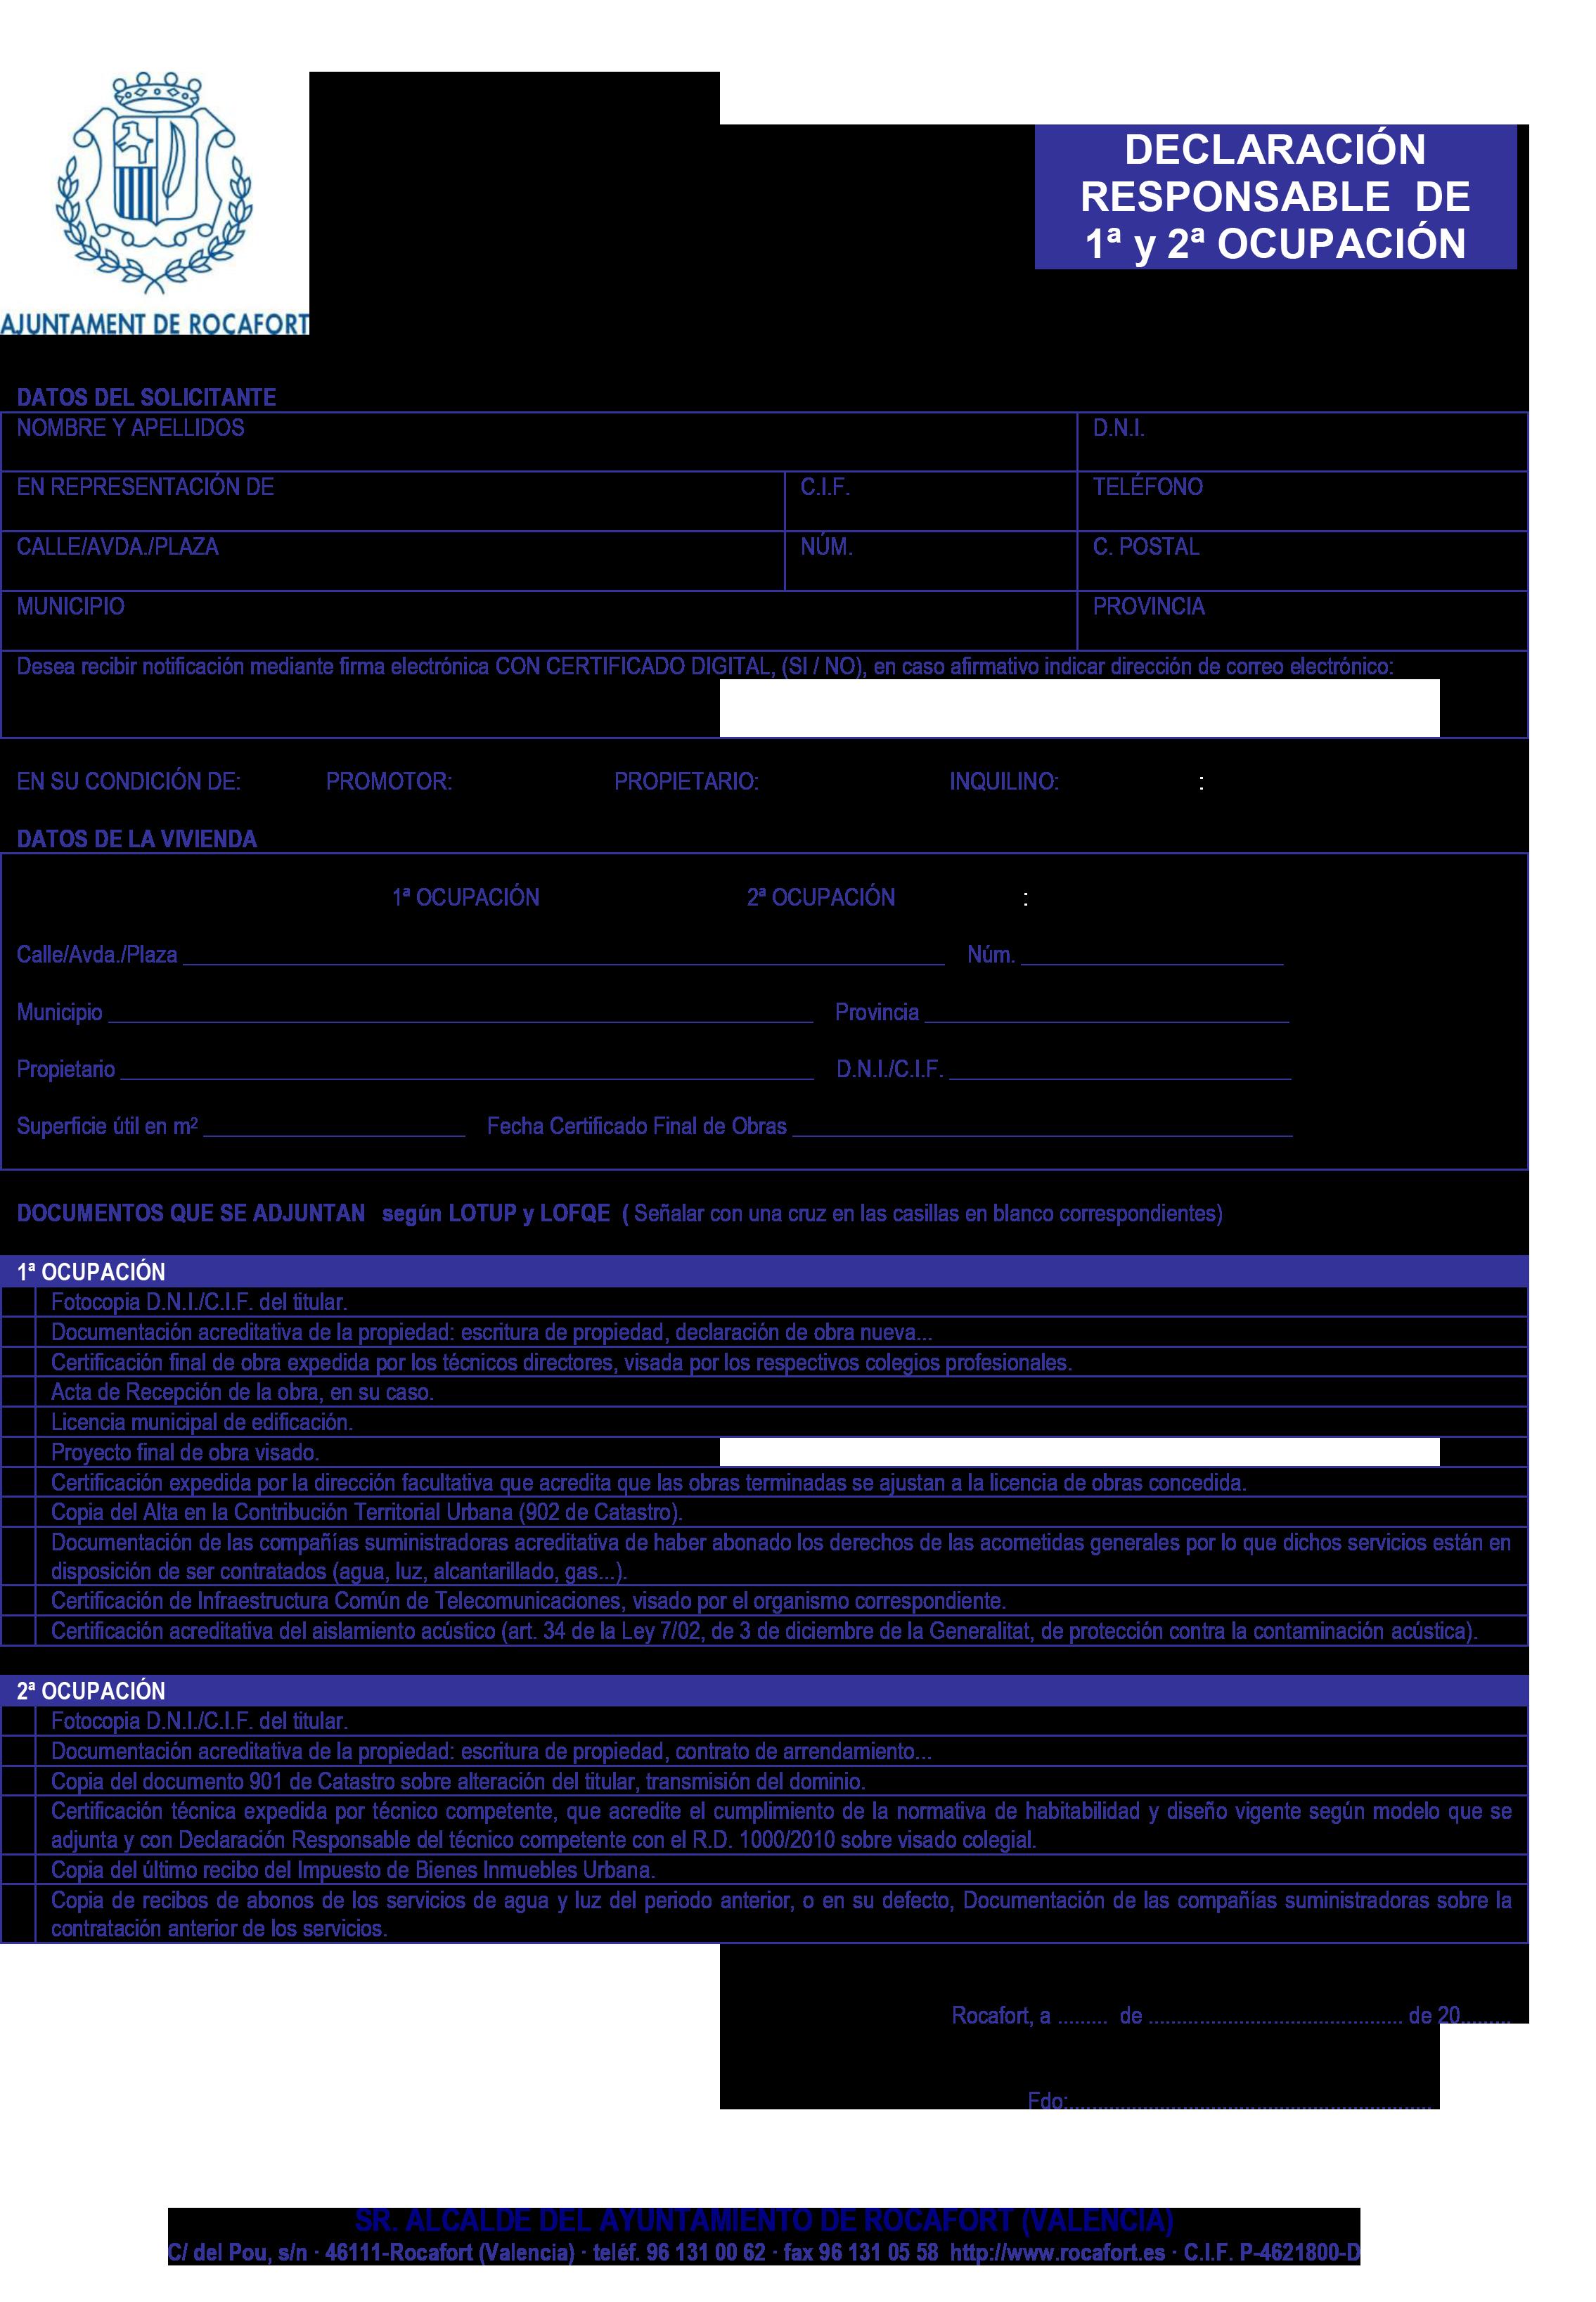 Impreso Declaración Responsable Segunda Ocupación - Rocafort